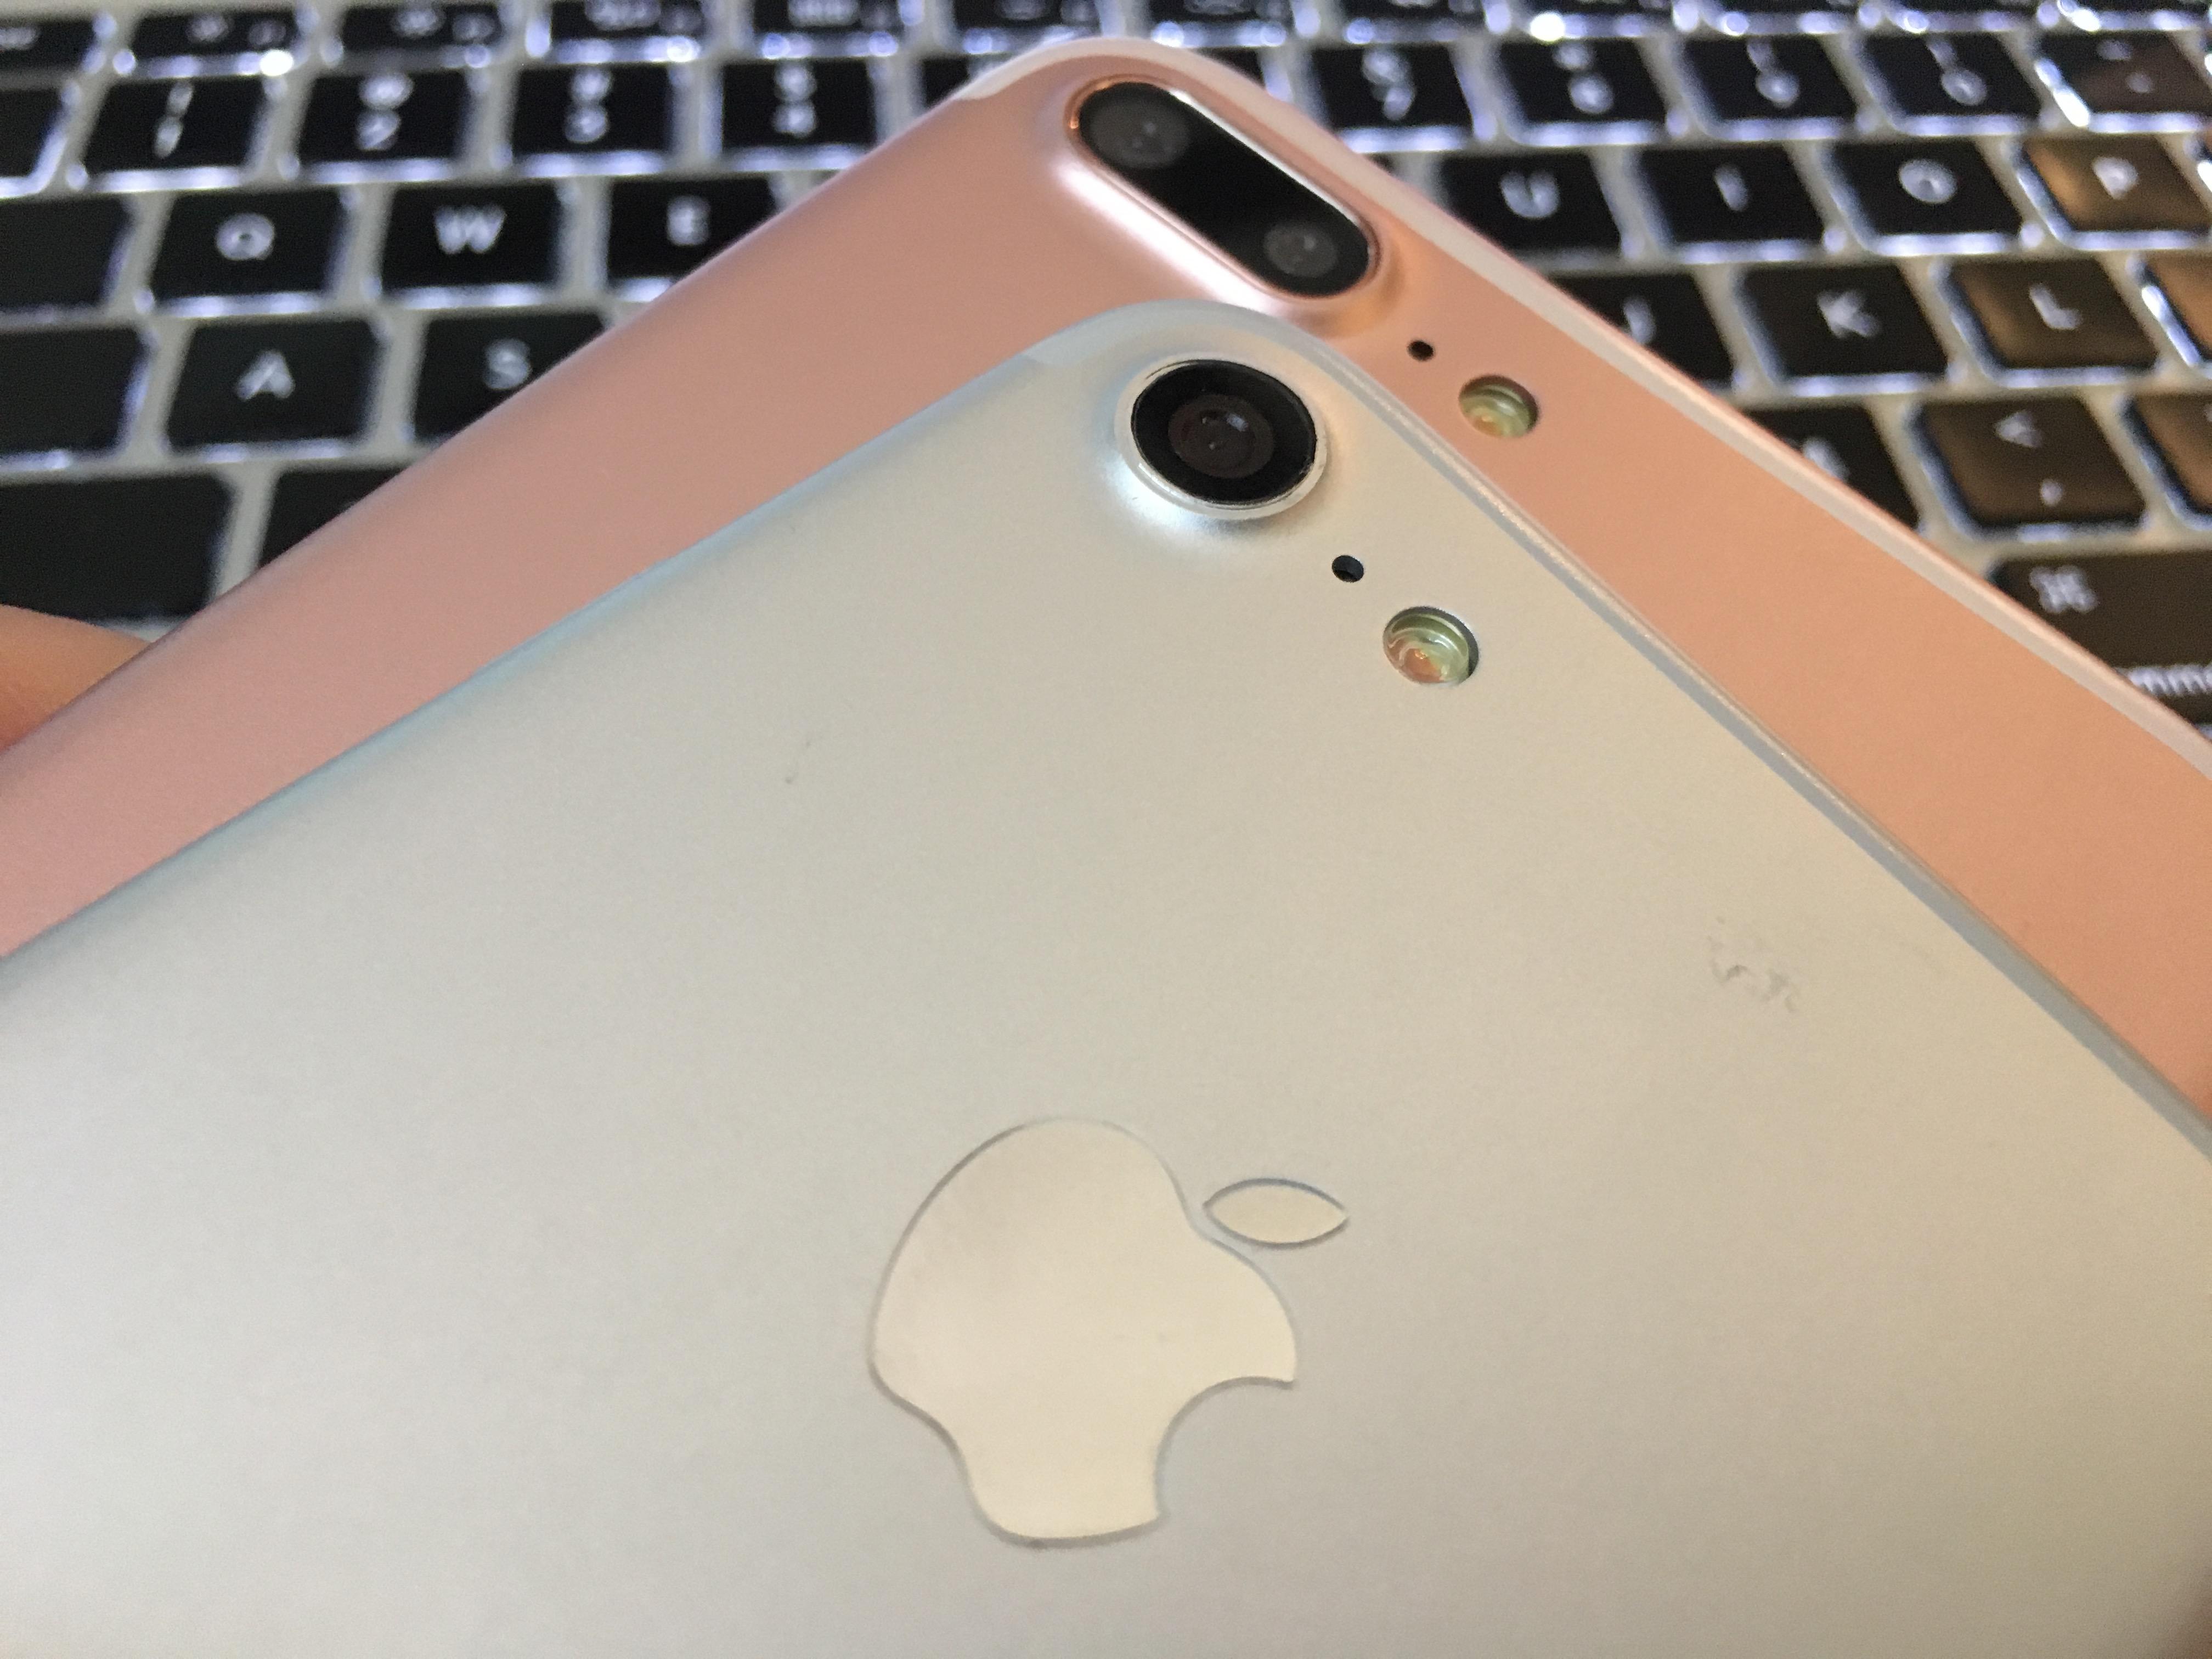 iPhone-7-Funciones-iPhone-7-Specs-15